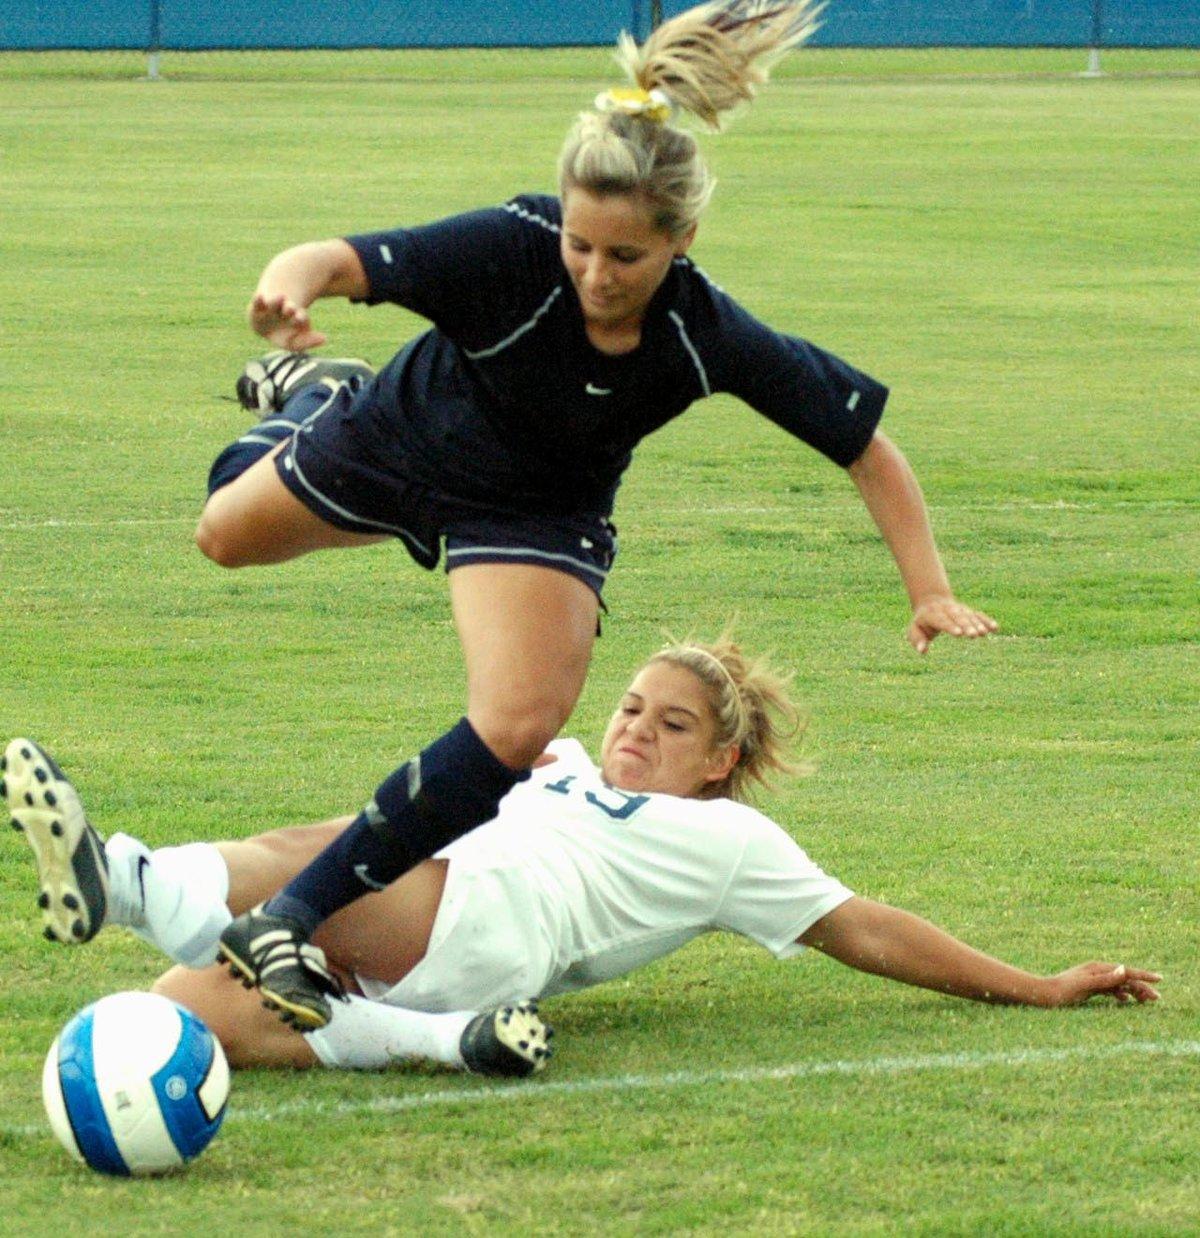 коннор сценический картинки для женского футбола сборе черемши важно